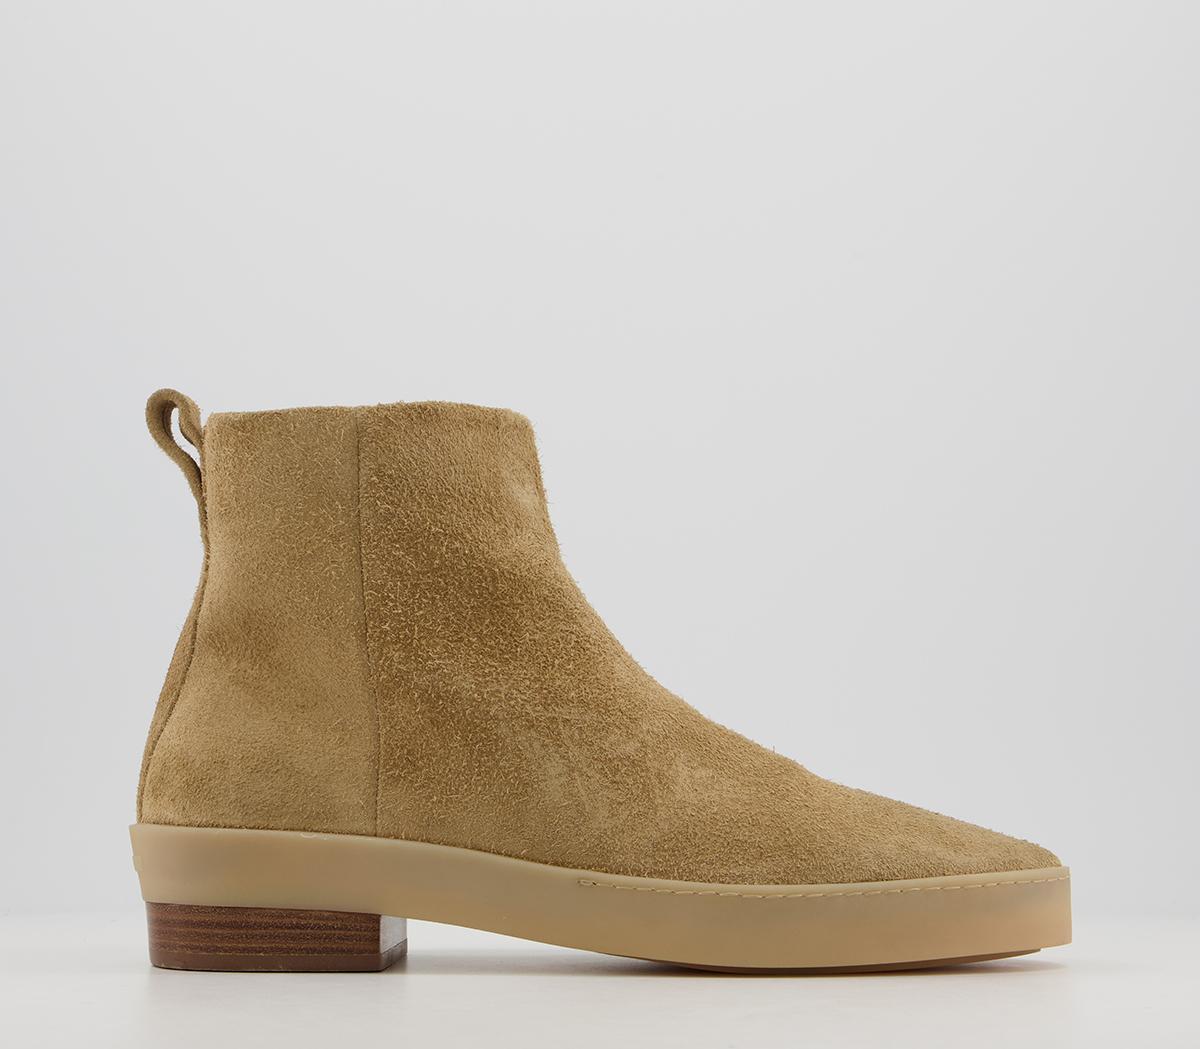 Chelsea Santa Fe Boots